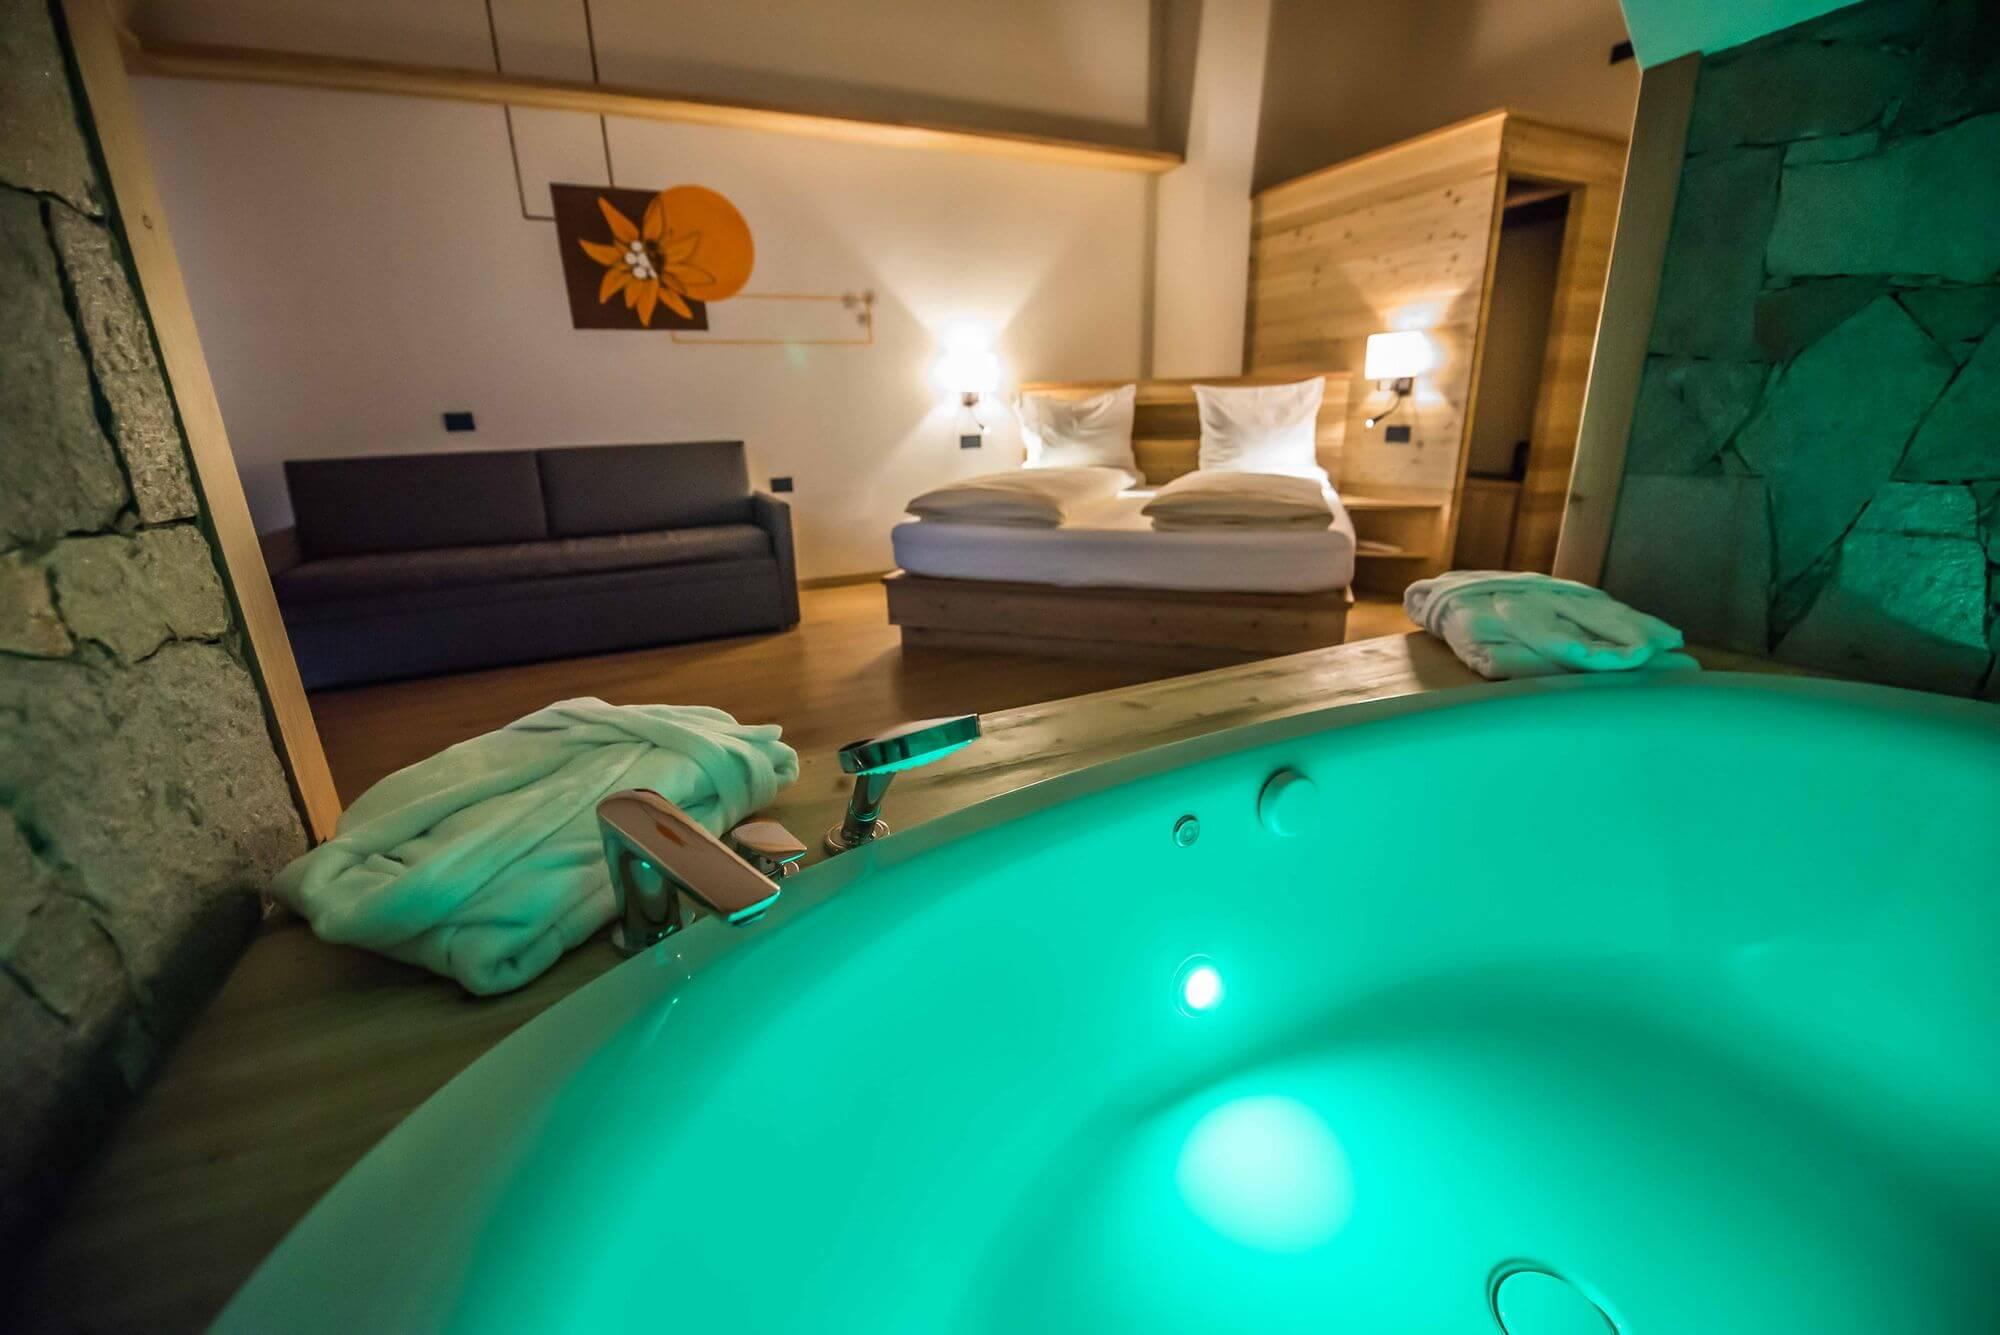 Vasca idromassaggio con luci emozionali: Hotel Le Alpi a Livigno